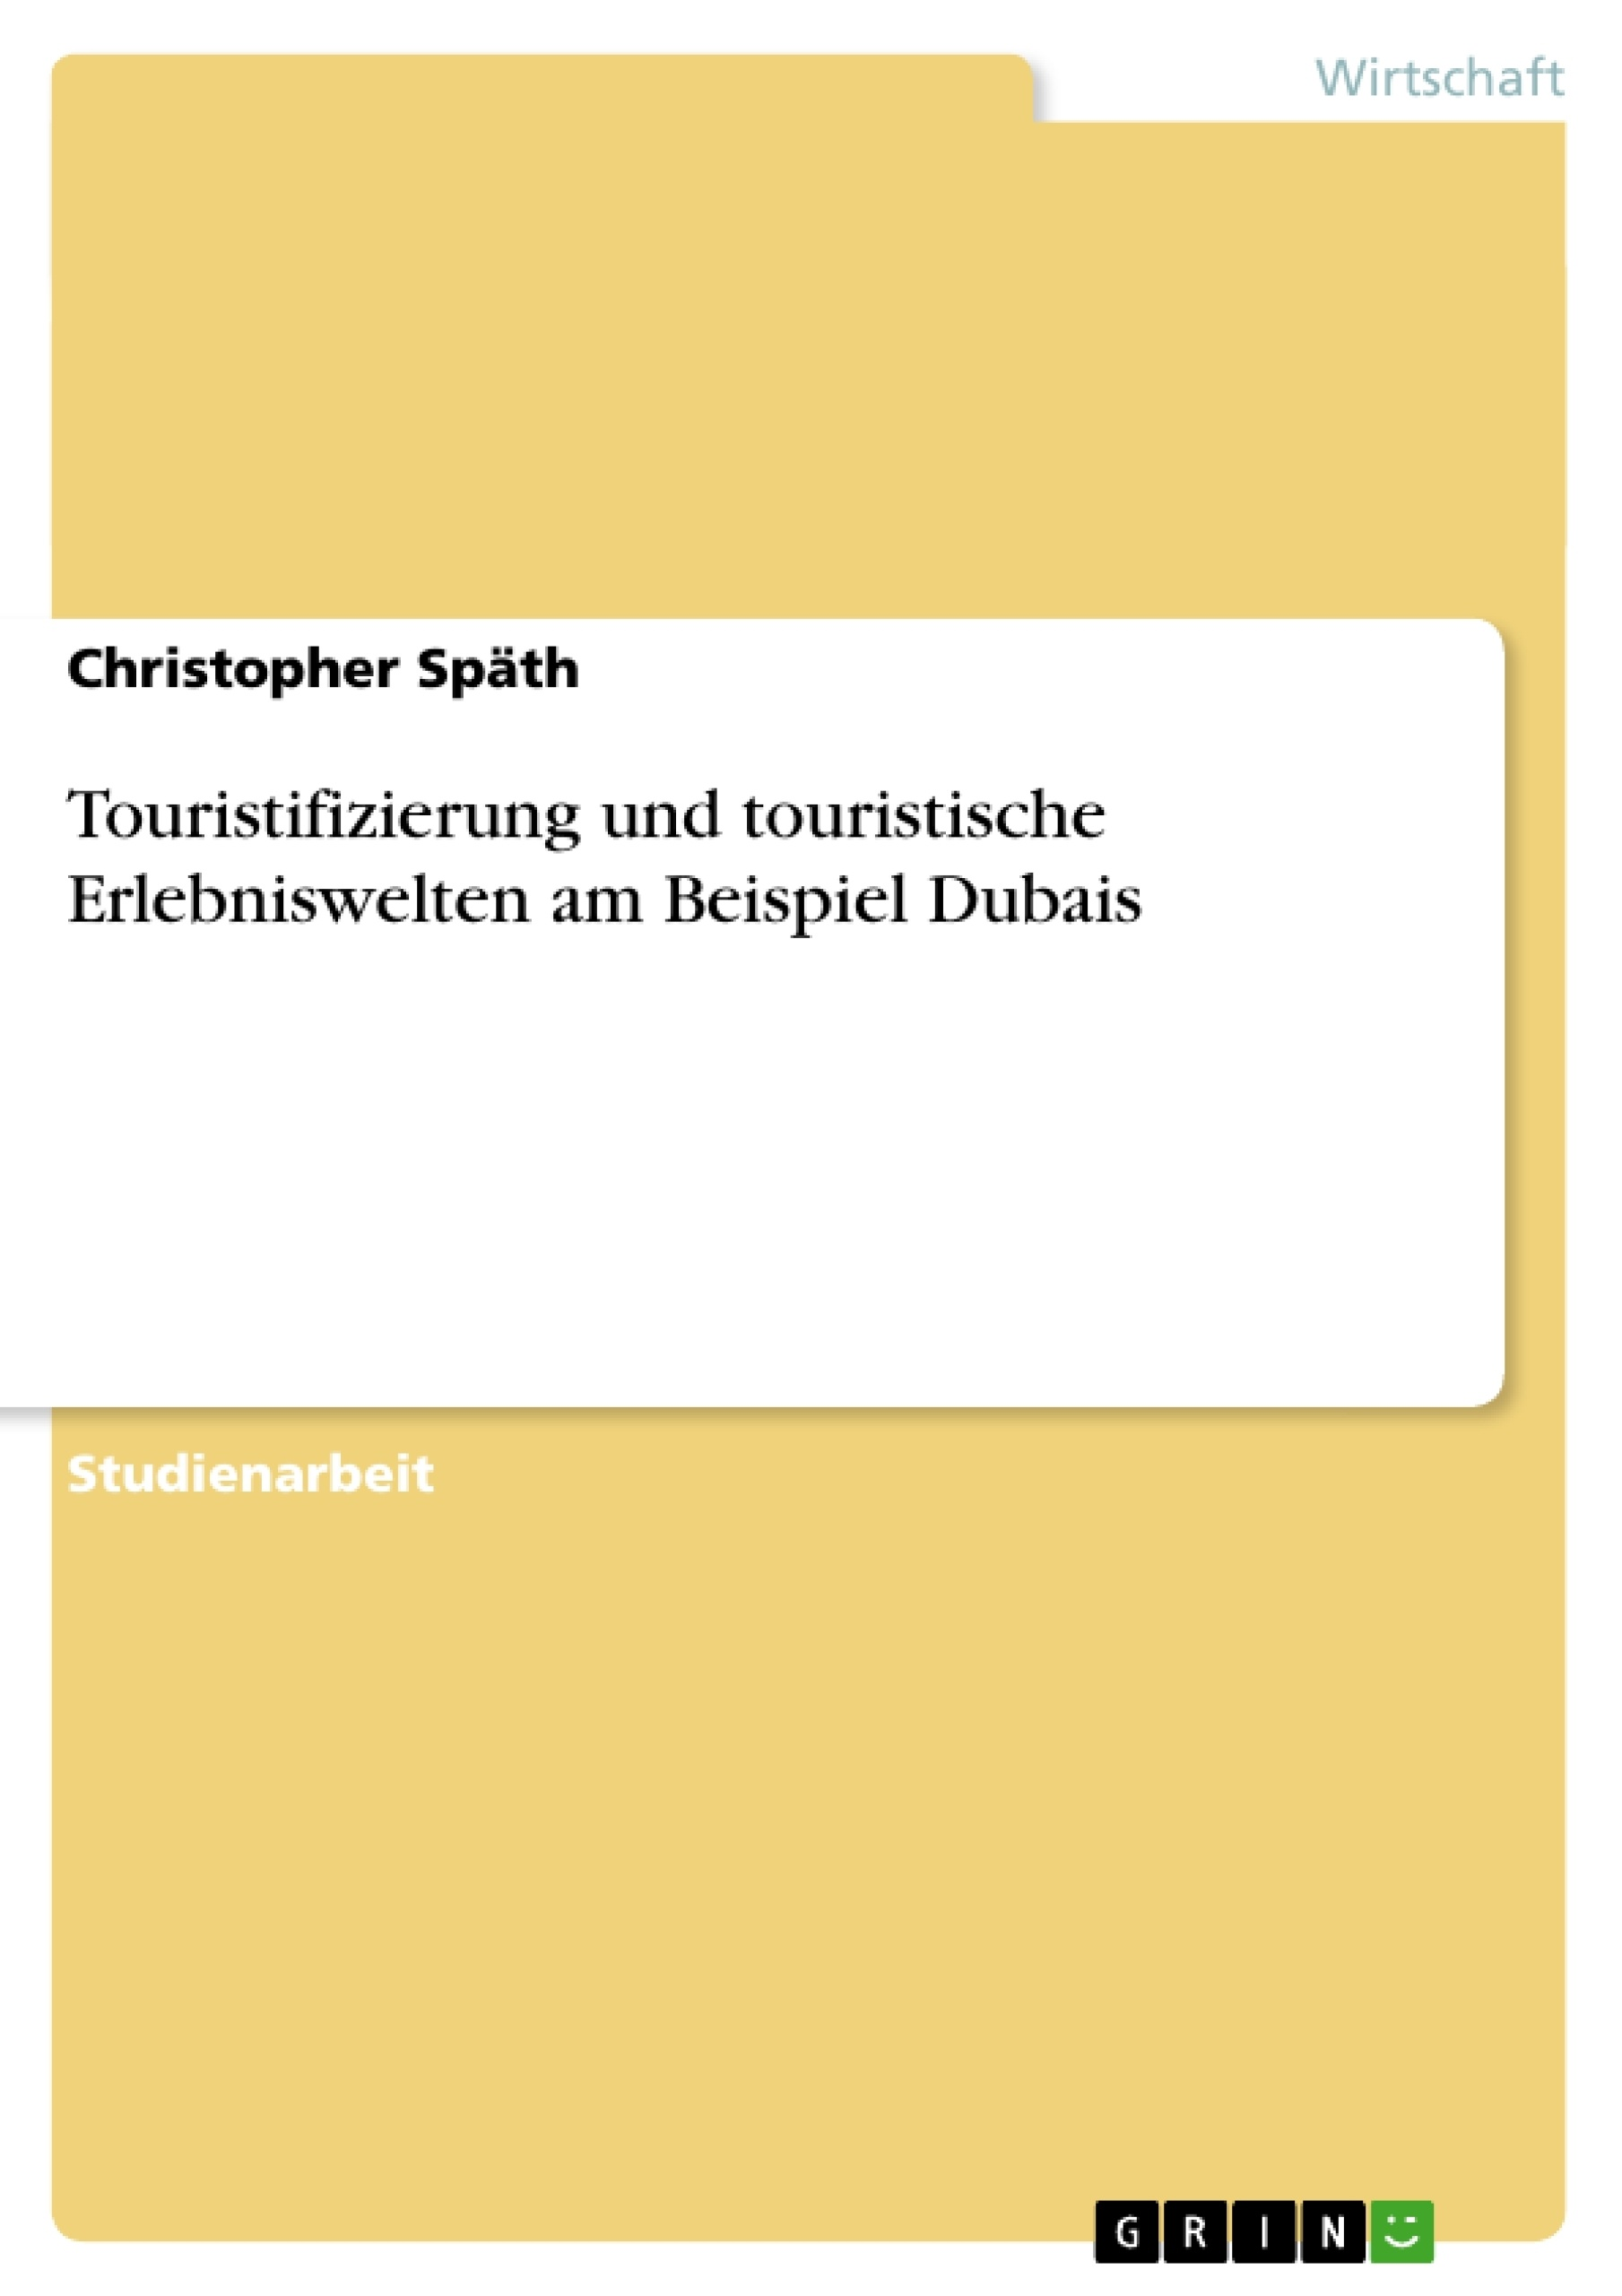 Titel: Touristifizierung und touristische Erlebniswelten am Beispiel Dubais